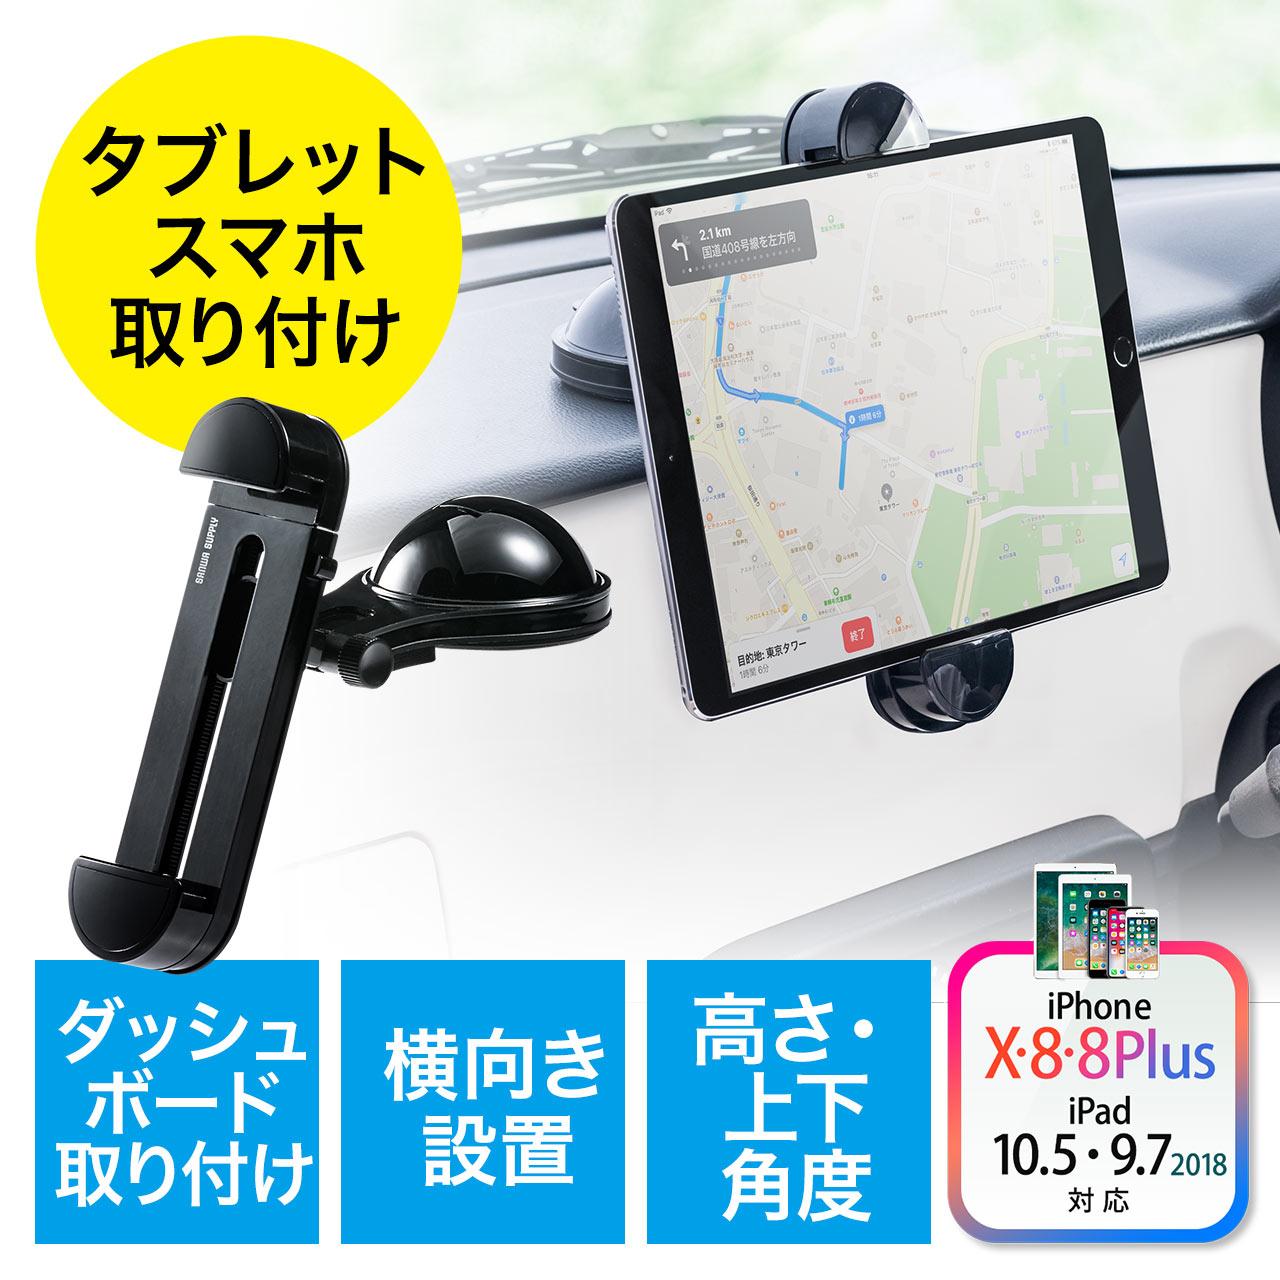 サンワダイレクトで買える「iPad・タブレット車載ホルダー(iPhone・スマートフォン・iPad・タブレット対応・ダッシュボード・吸盤取り付け) サンワダイレクト サンワサプライ 200-CAR052」の画像です。価格は2,780円になります。